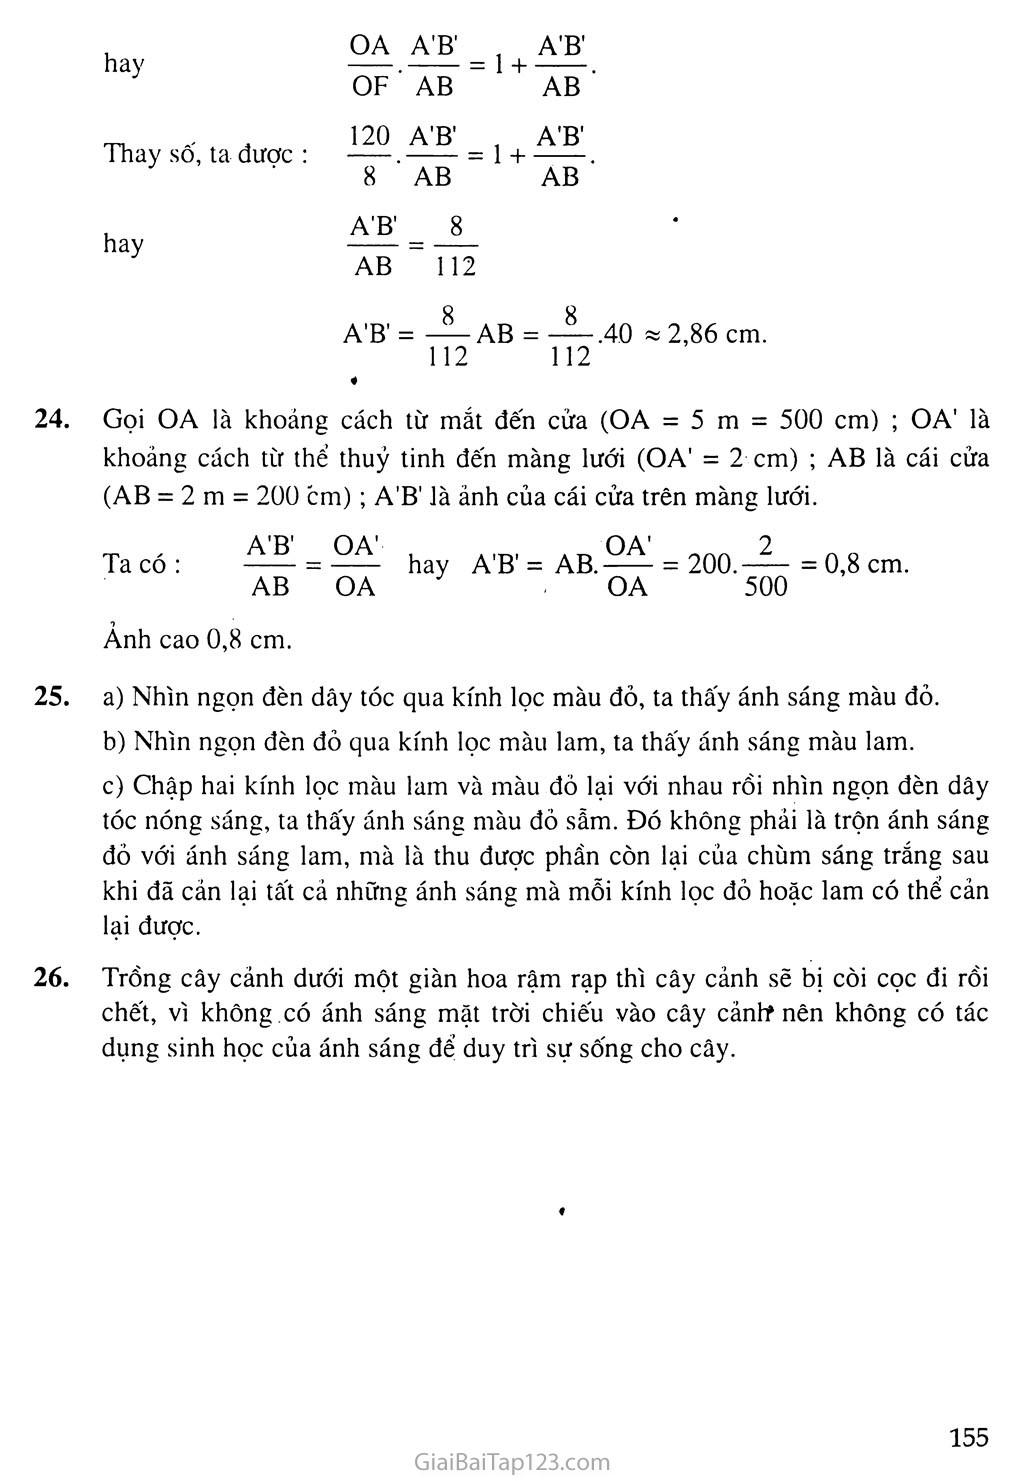 Bài 58: Tổng kết chương III: Quang học trang 4